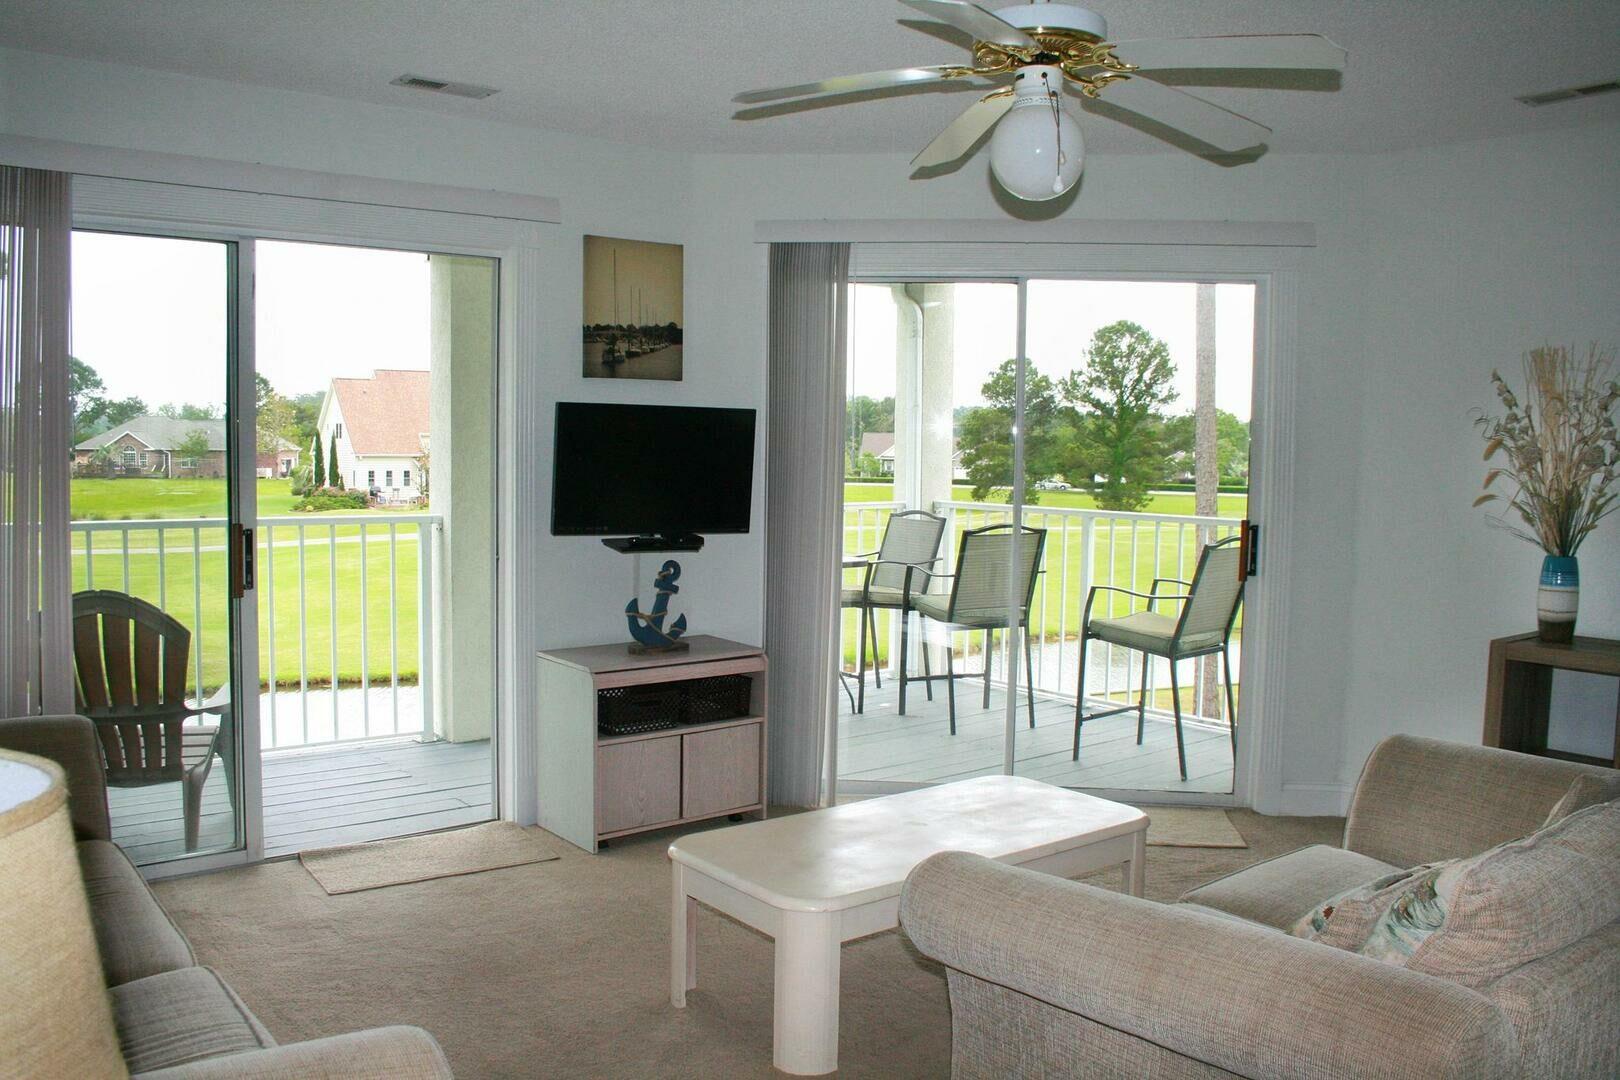 406 2 Bedroom/2 Bath Villa